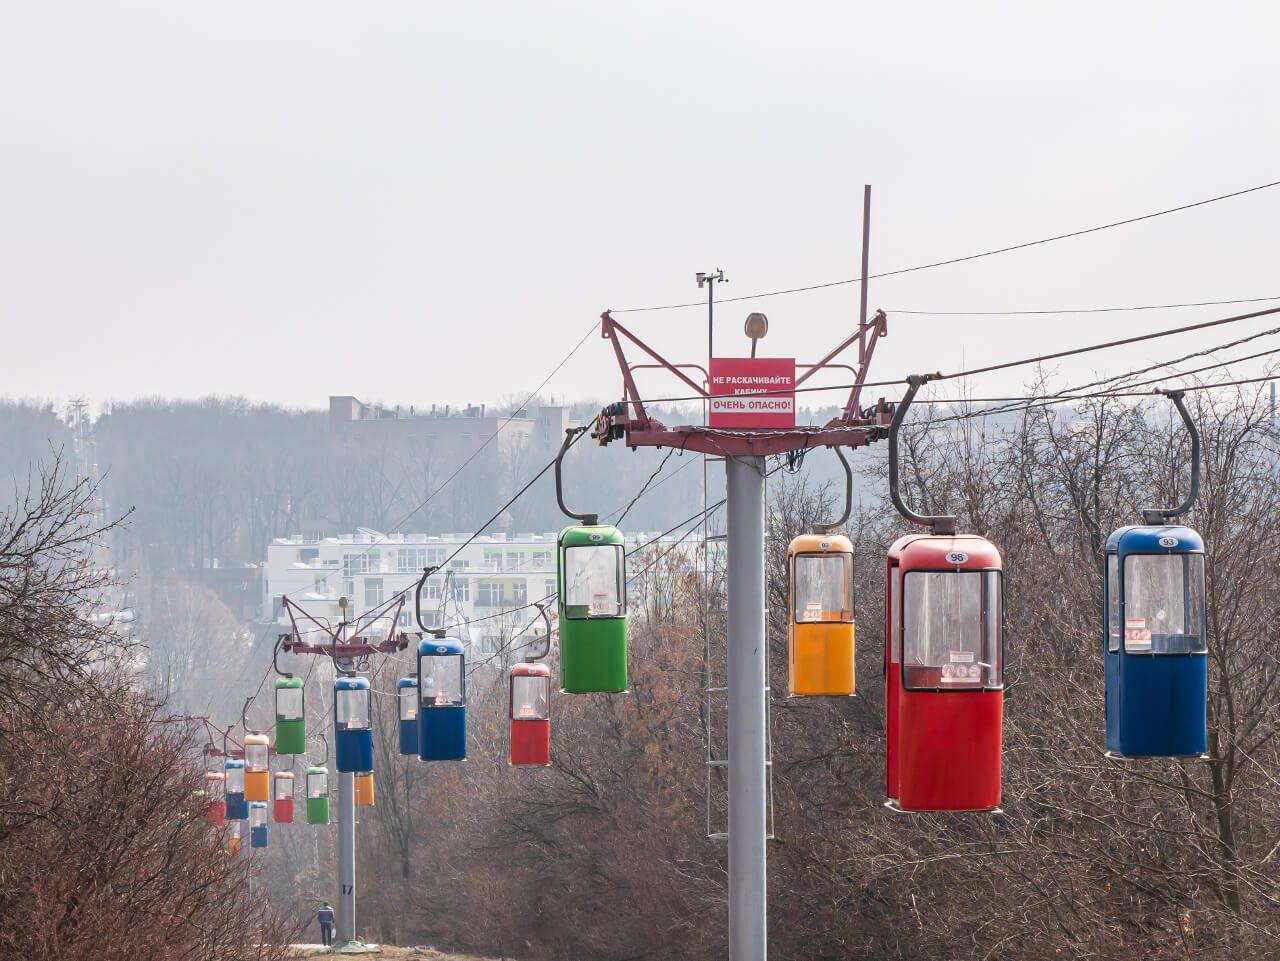 Kolejka linowa do Parku Gorkiego w Charkowie